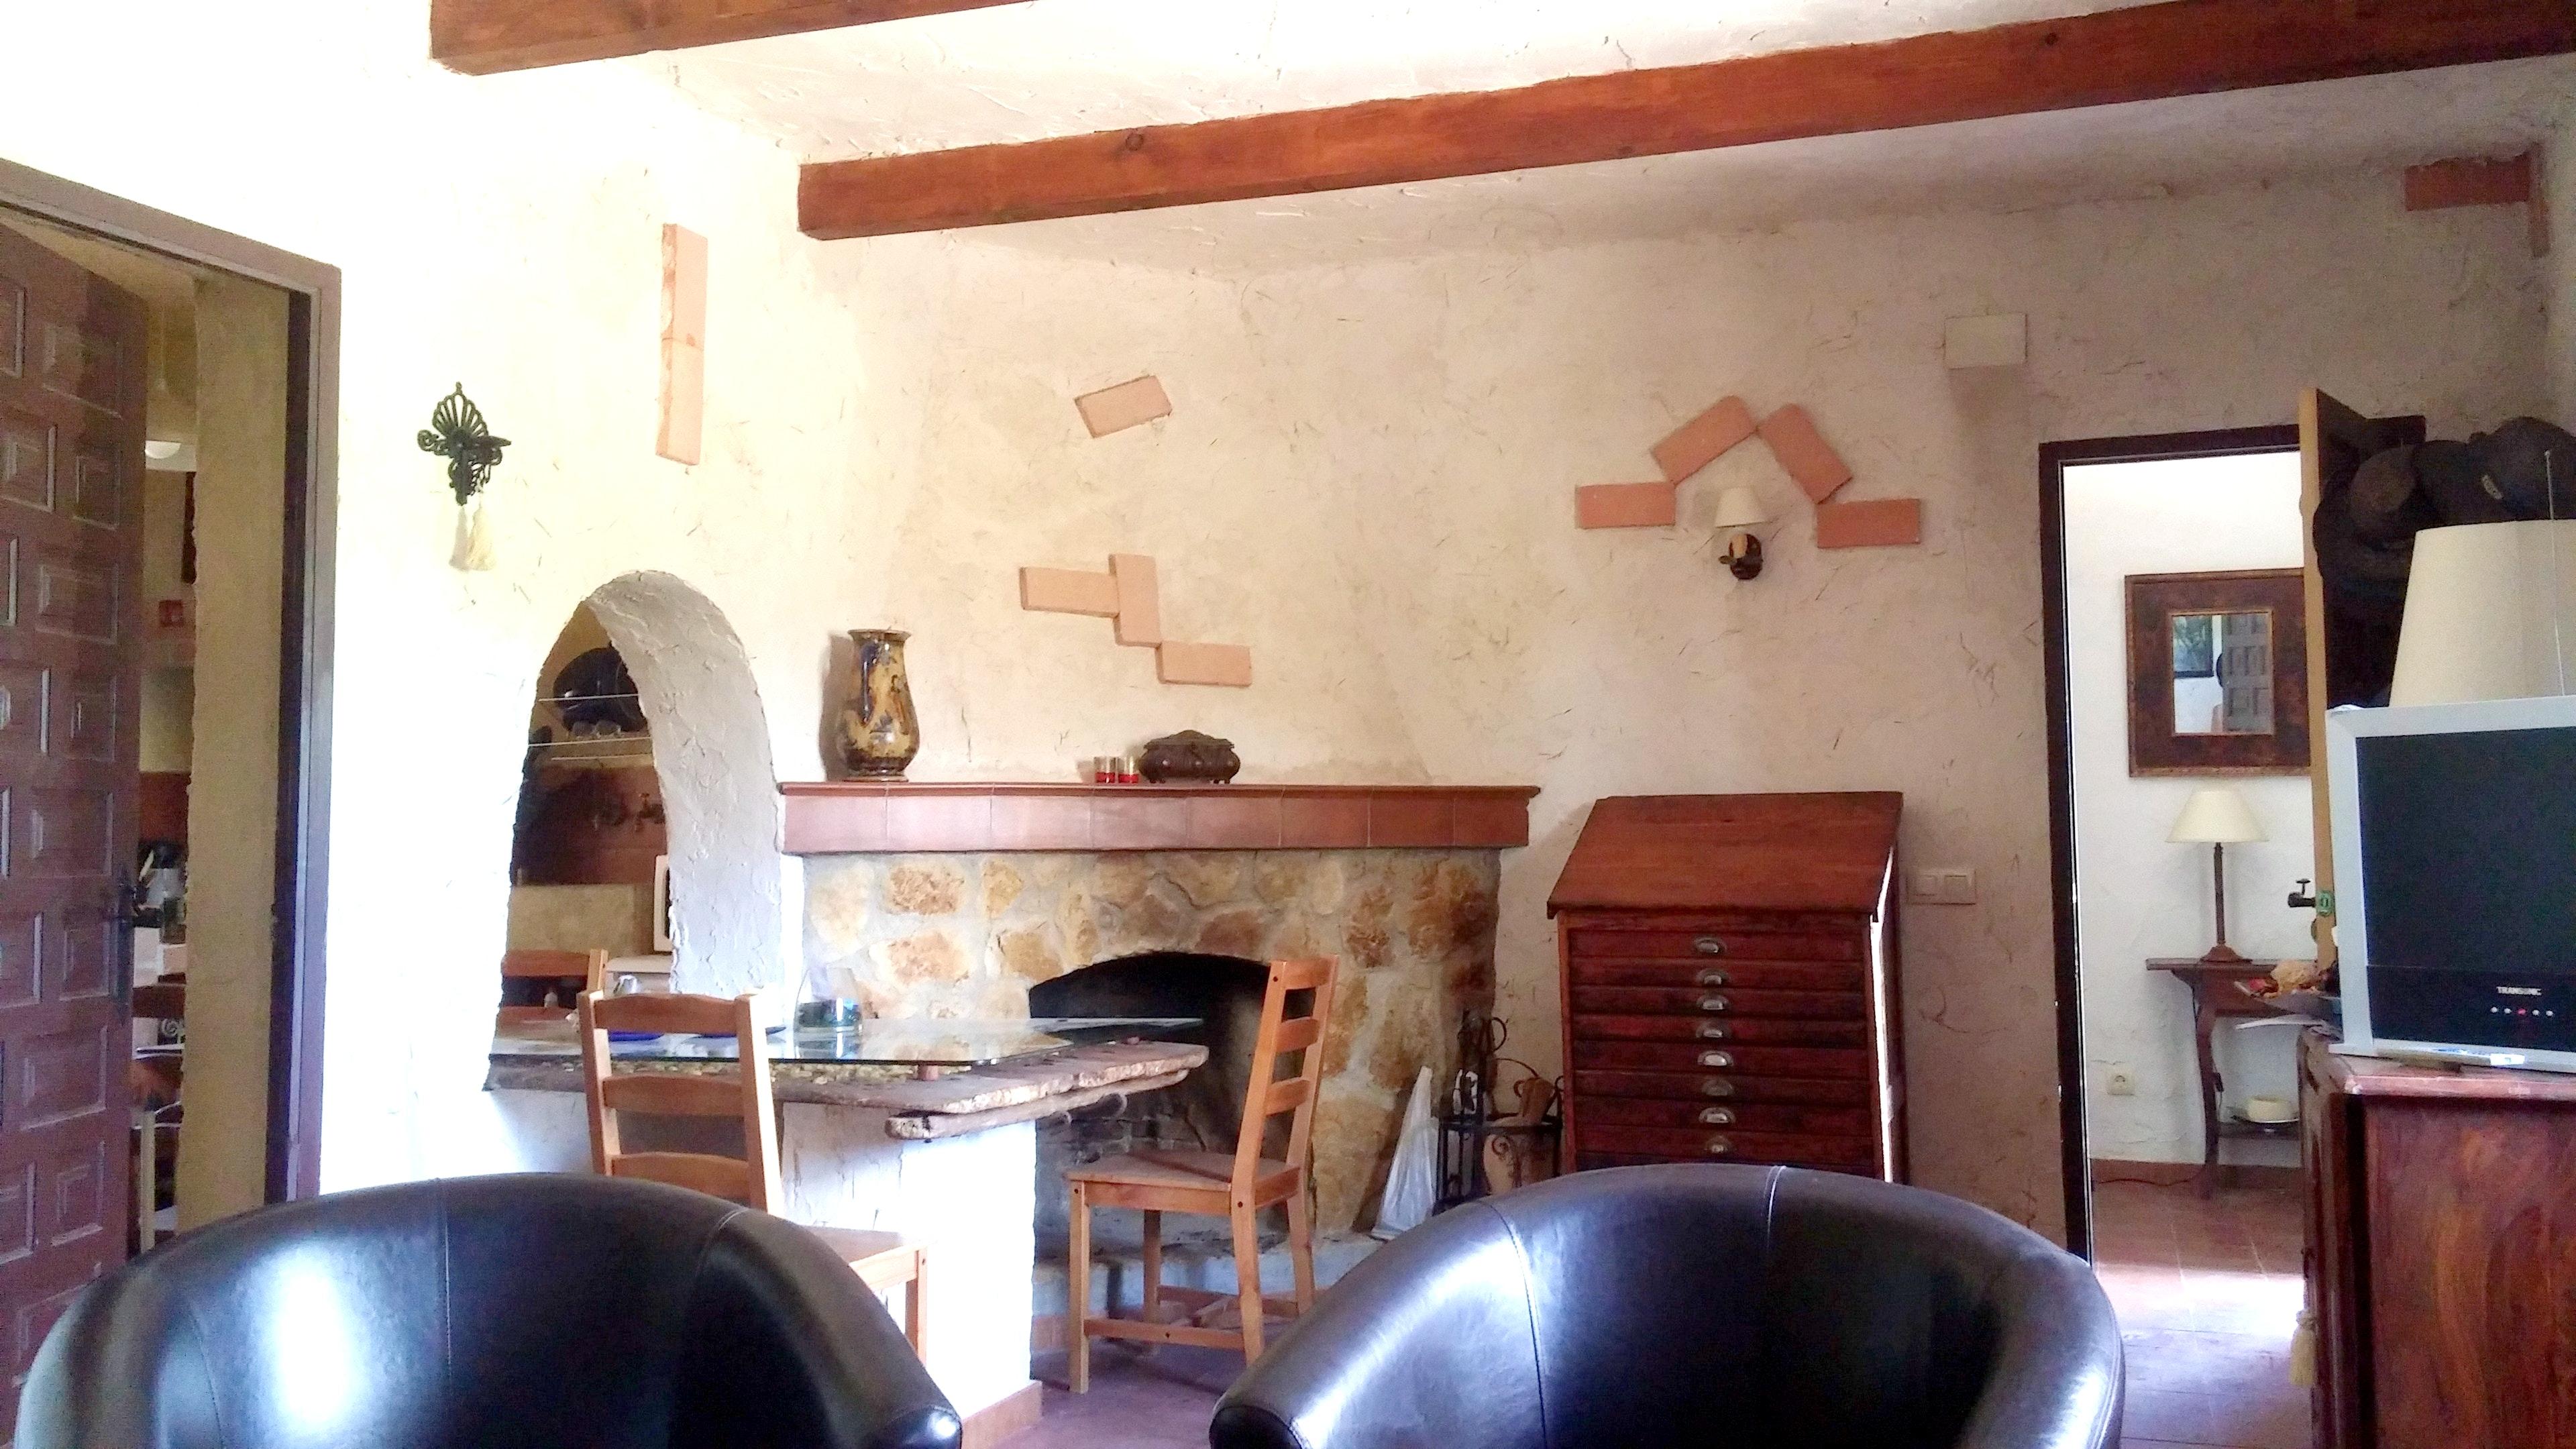 Ferienhaus Haus mit 2 Schlafzimmern in Bernuy mit möbliertem Garten (2202172), Bernuy, Toledo, Kastilien-La Mancha, Spanien, Bild 12